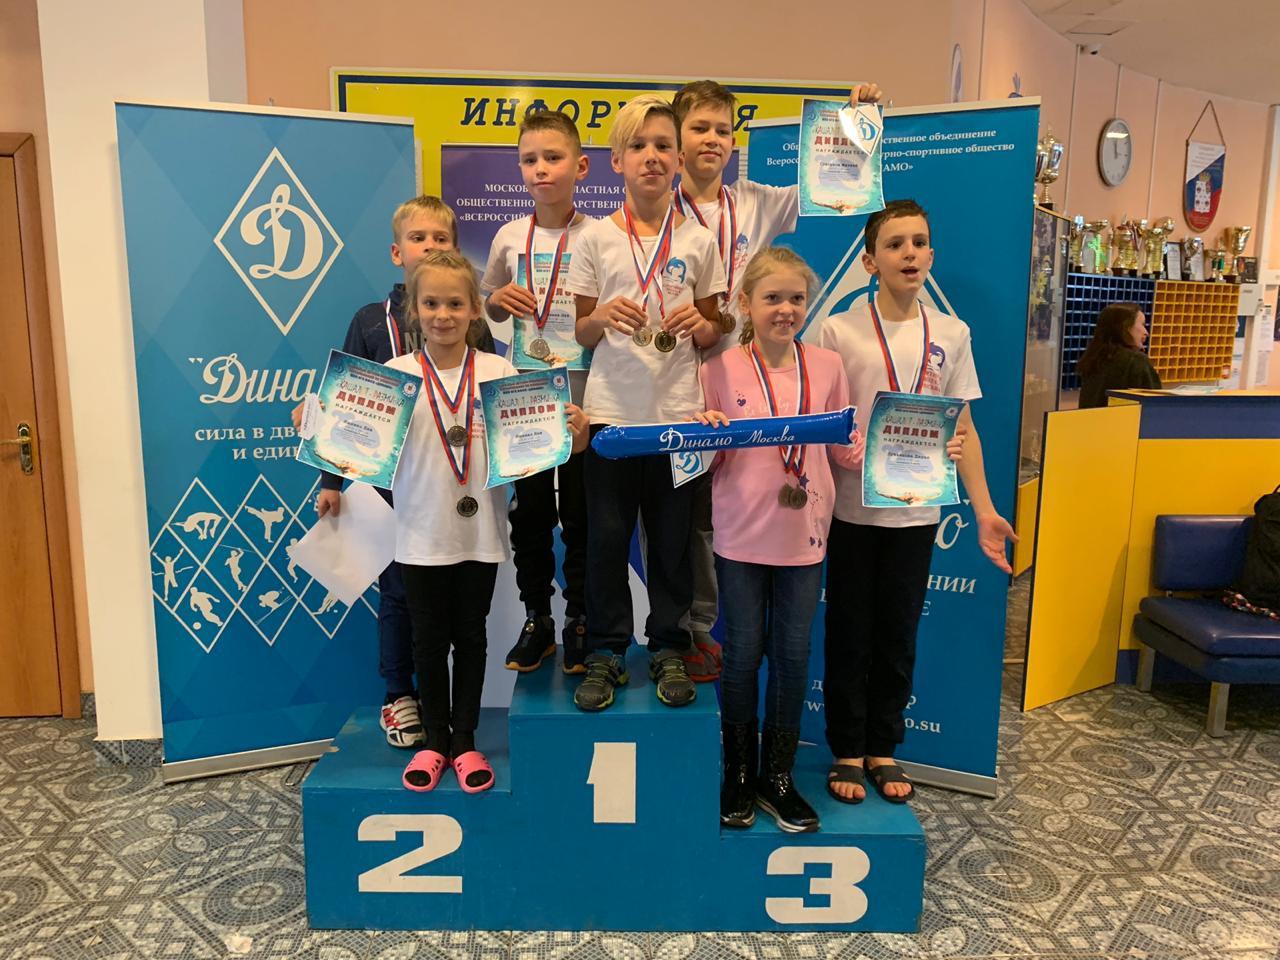 Спортсмены из Некрасовки успешно выступили на соревнованиях по плаванию